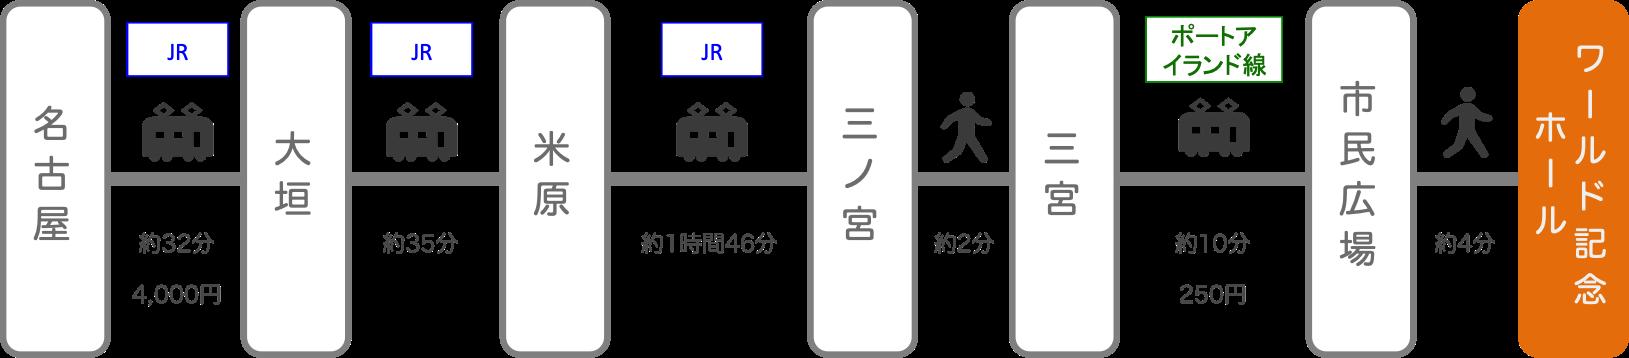 神戸ワールド記念ホール_名古屋(愛知)_電車